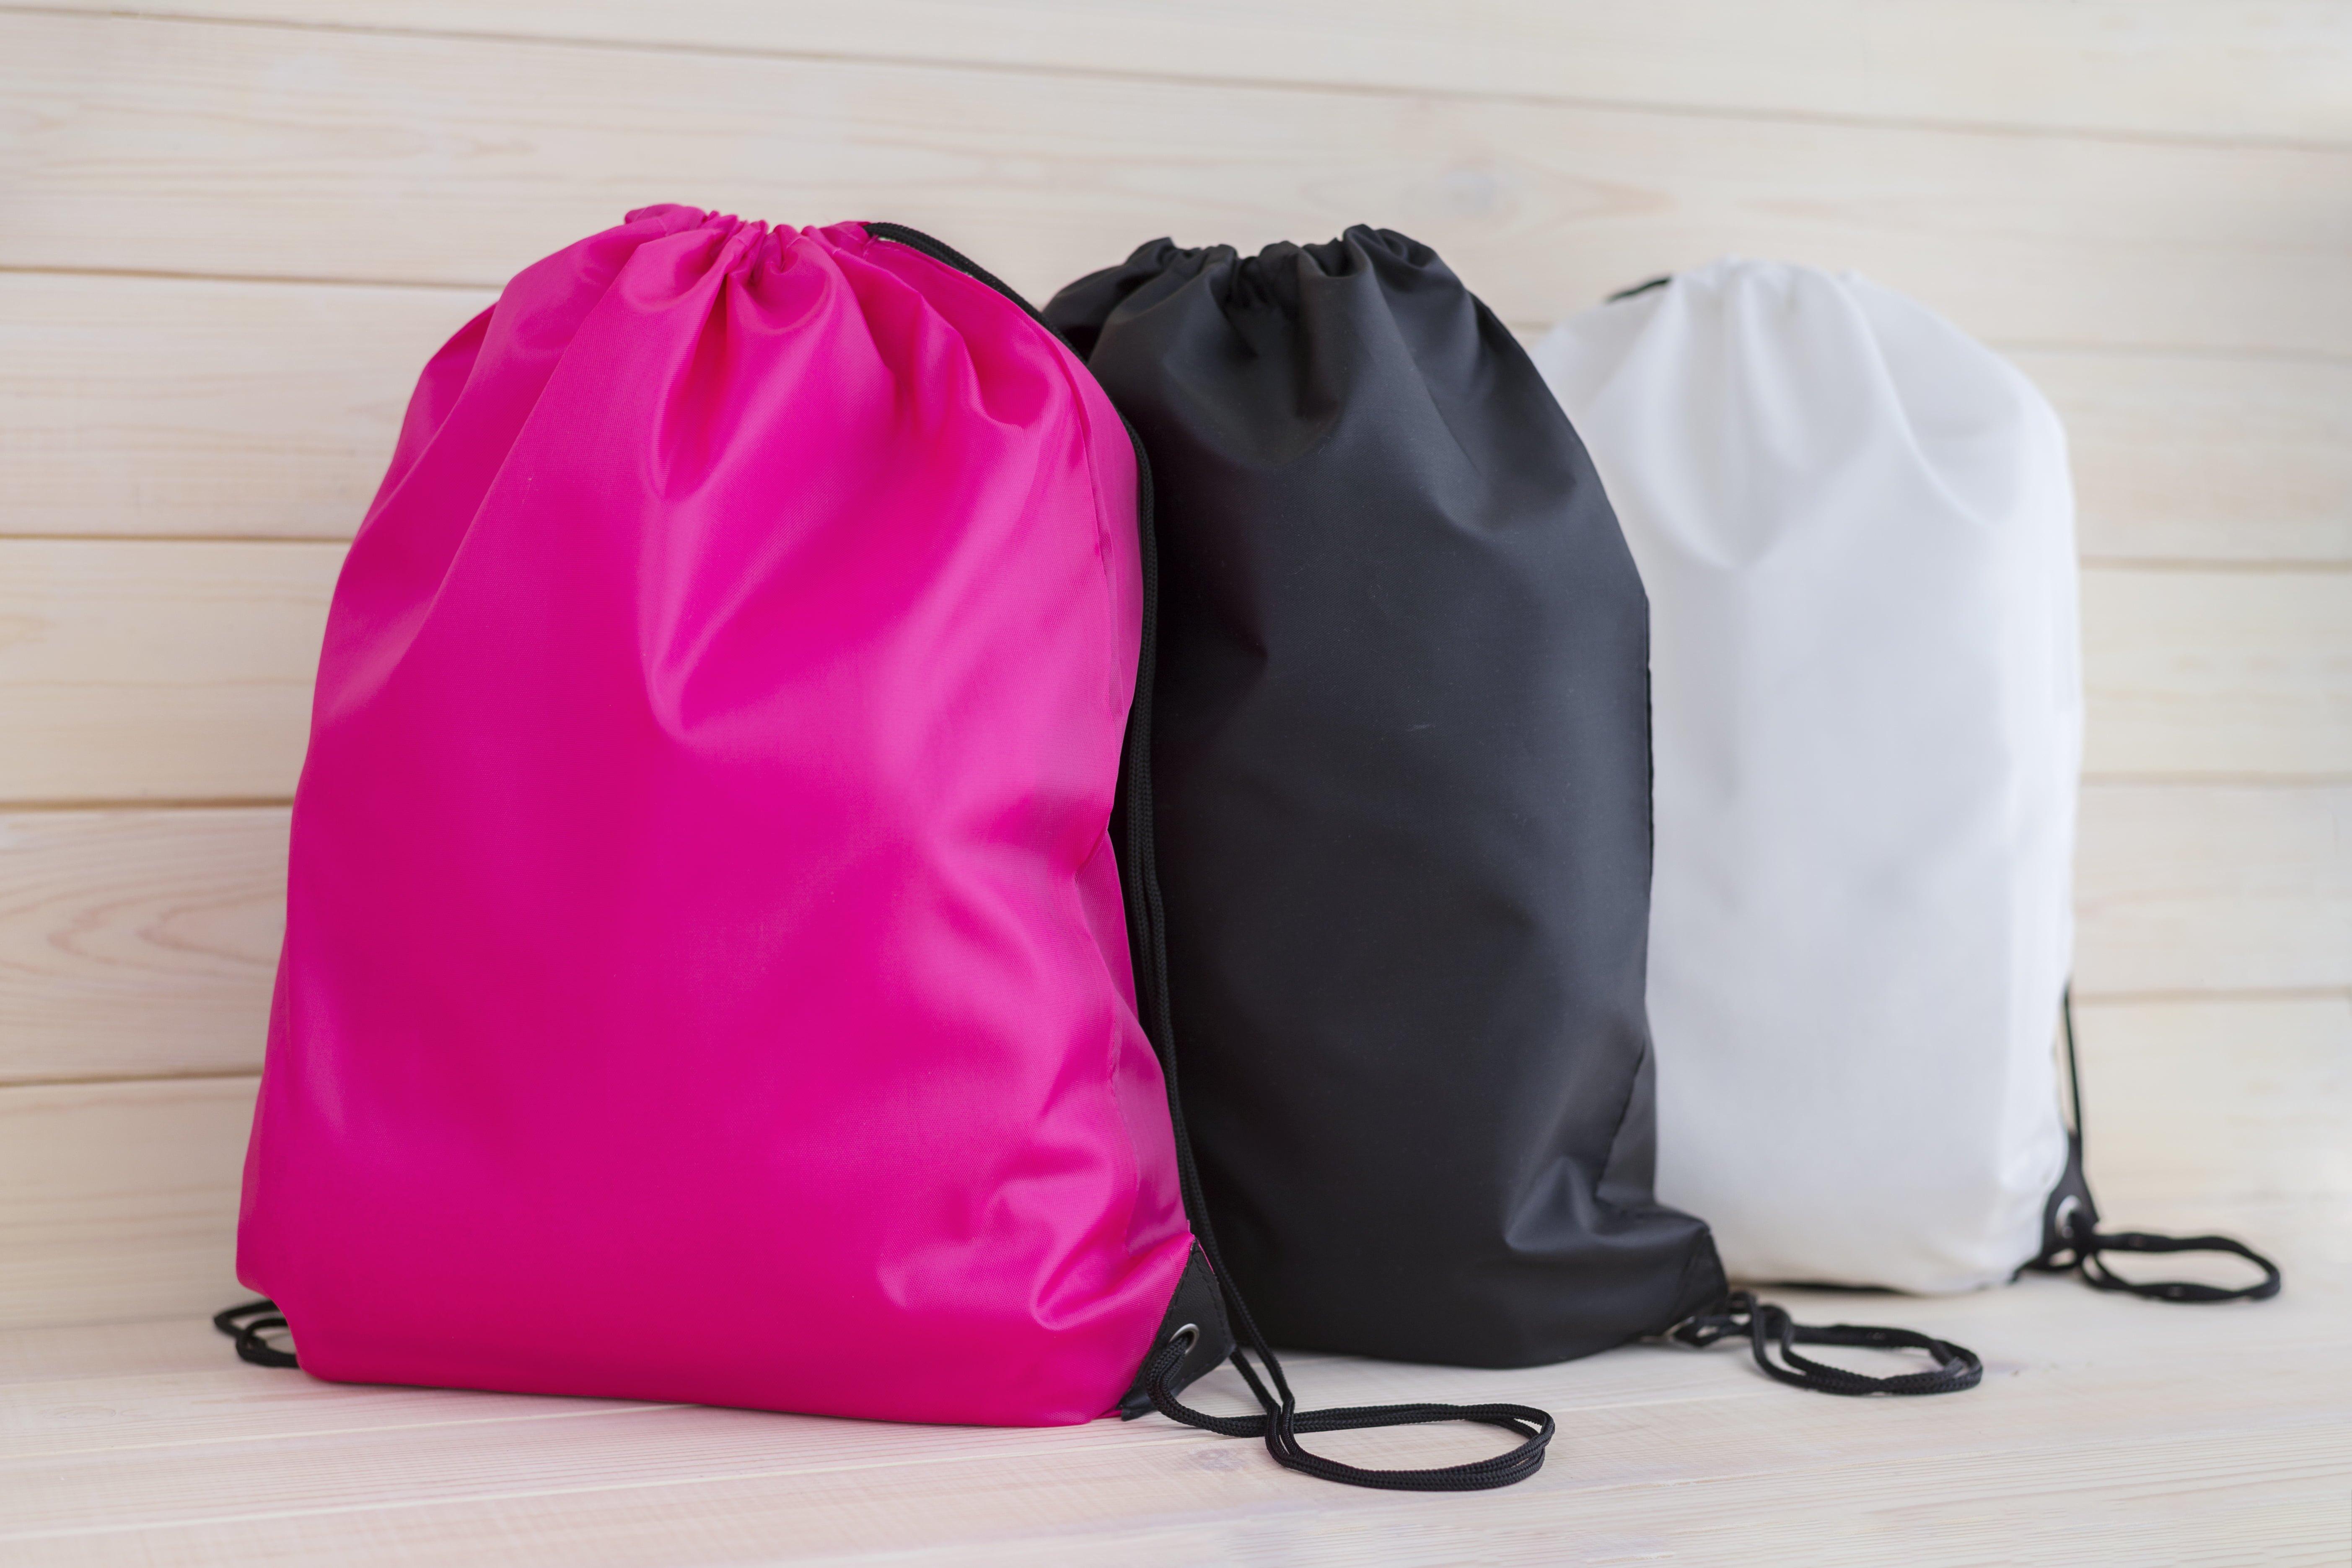 Worko-plecaki odblaskowe – zadbaj o bezpieczeństwo dzieci w drodze do i ze szkoły!